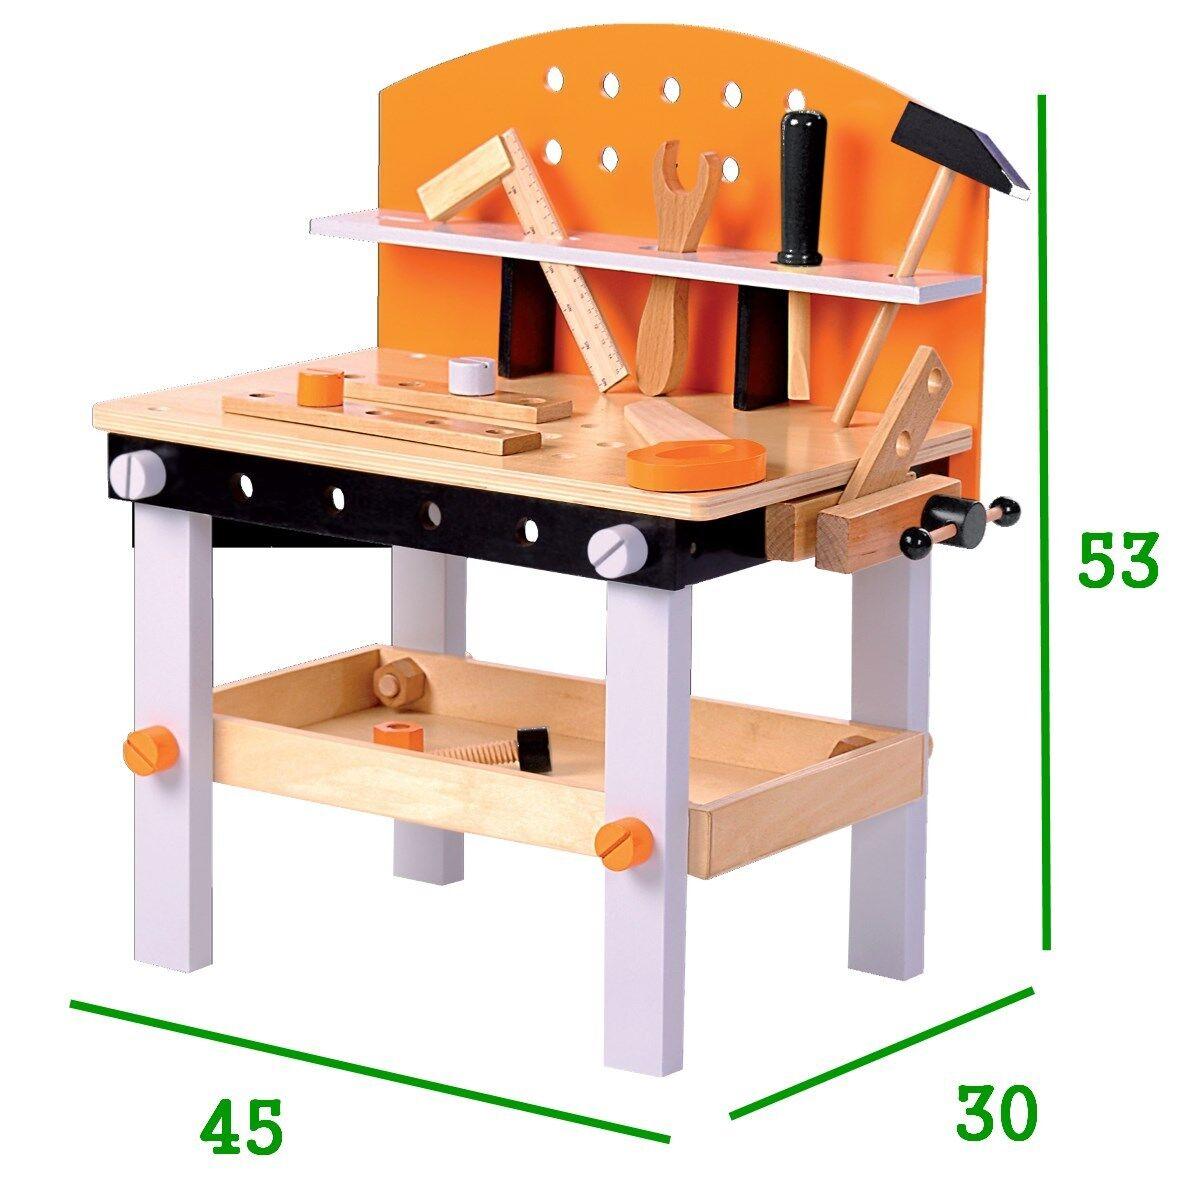 Werkbank aus Holz mit Werkzeug für Kinder Holzwerkbank Kinderwerkbank  Spielzeug